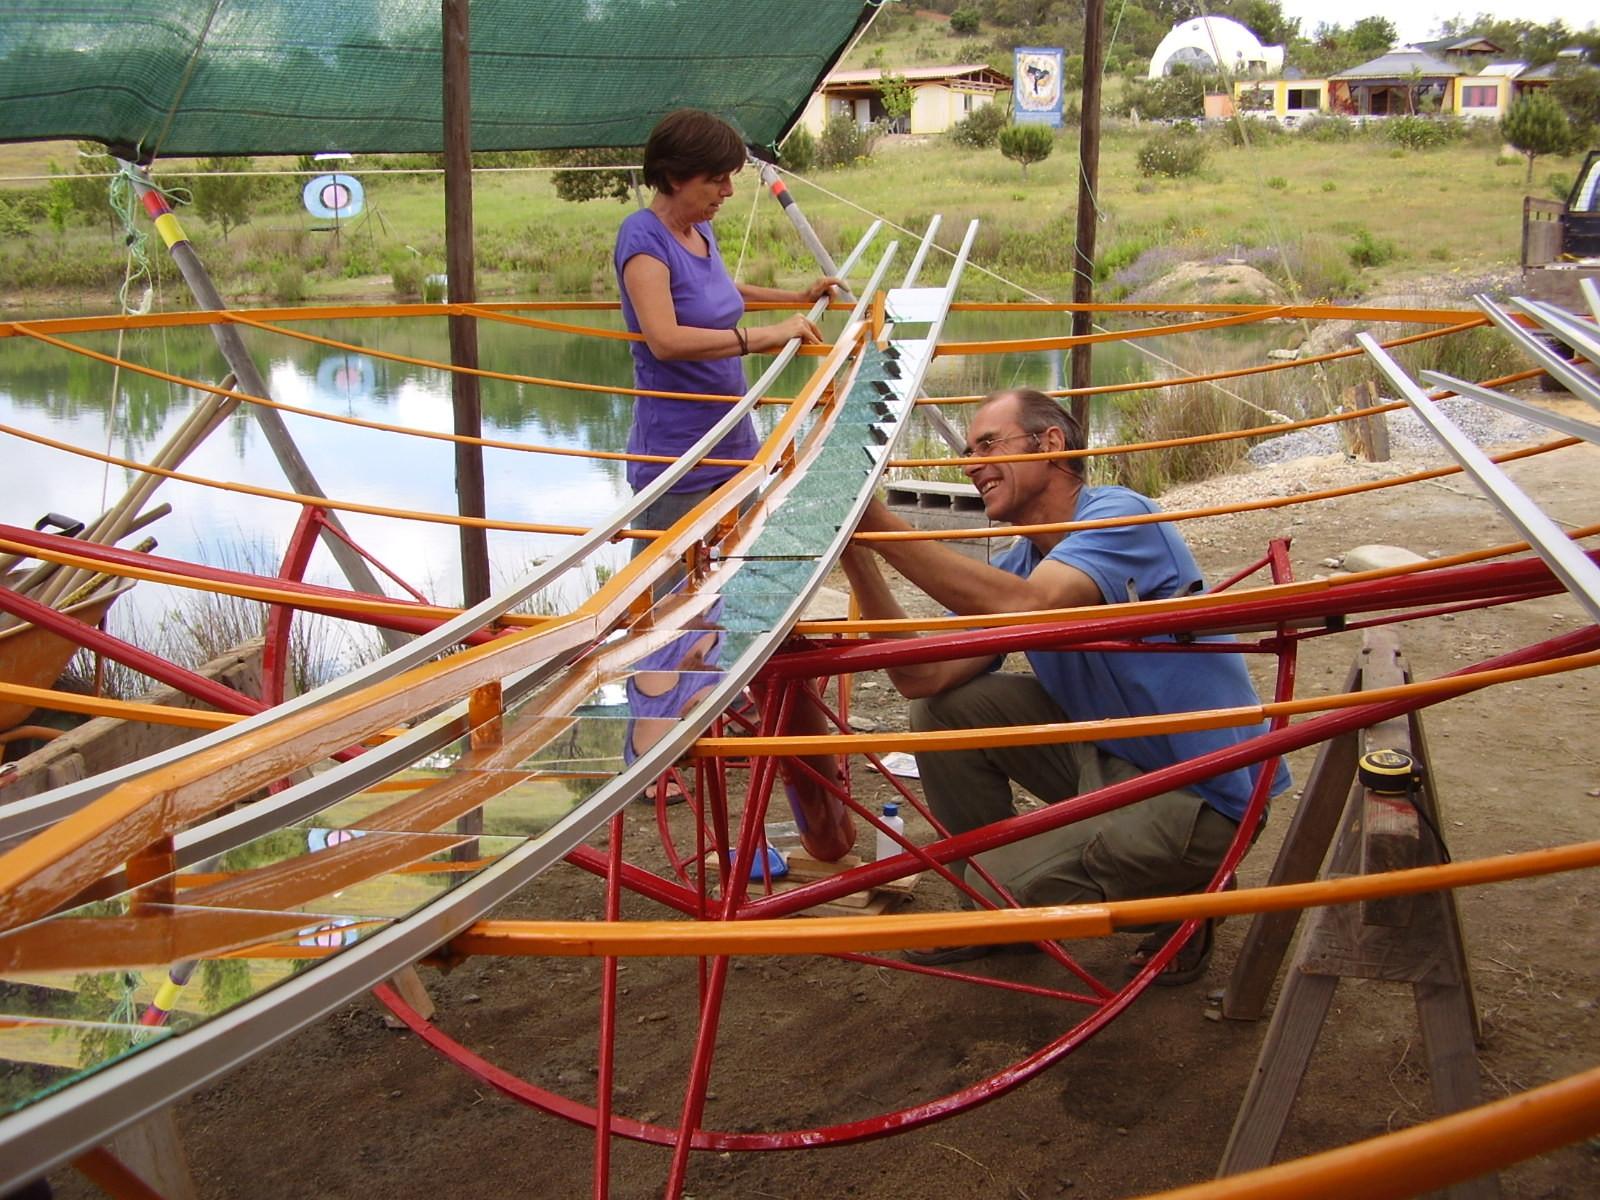 Tamera, gemeinsam bauen am Parabolspiegel